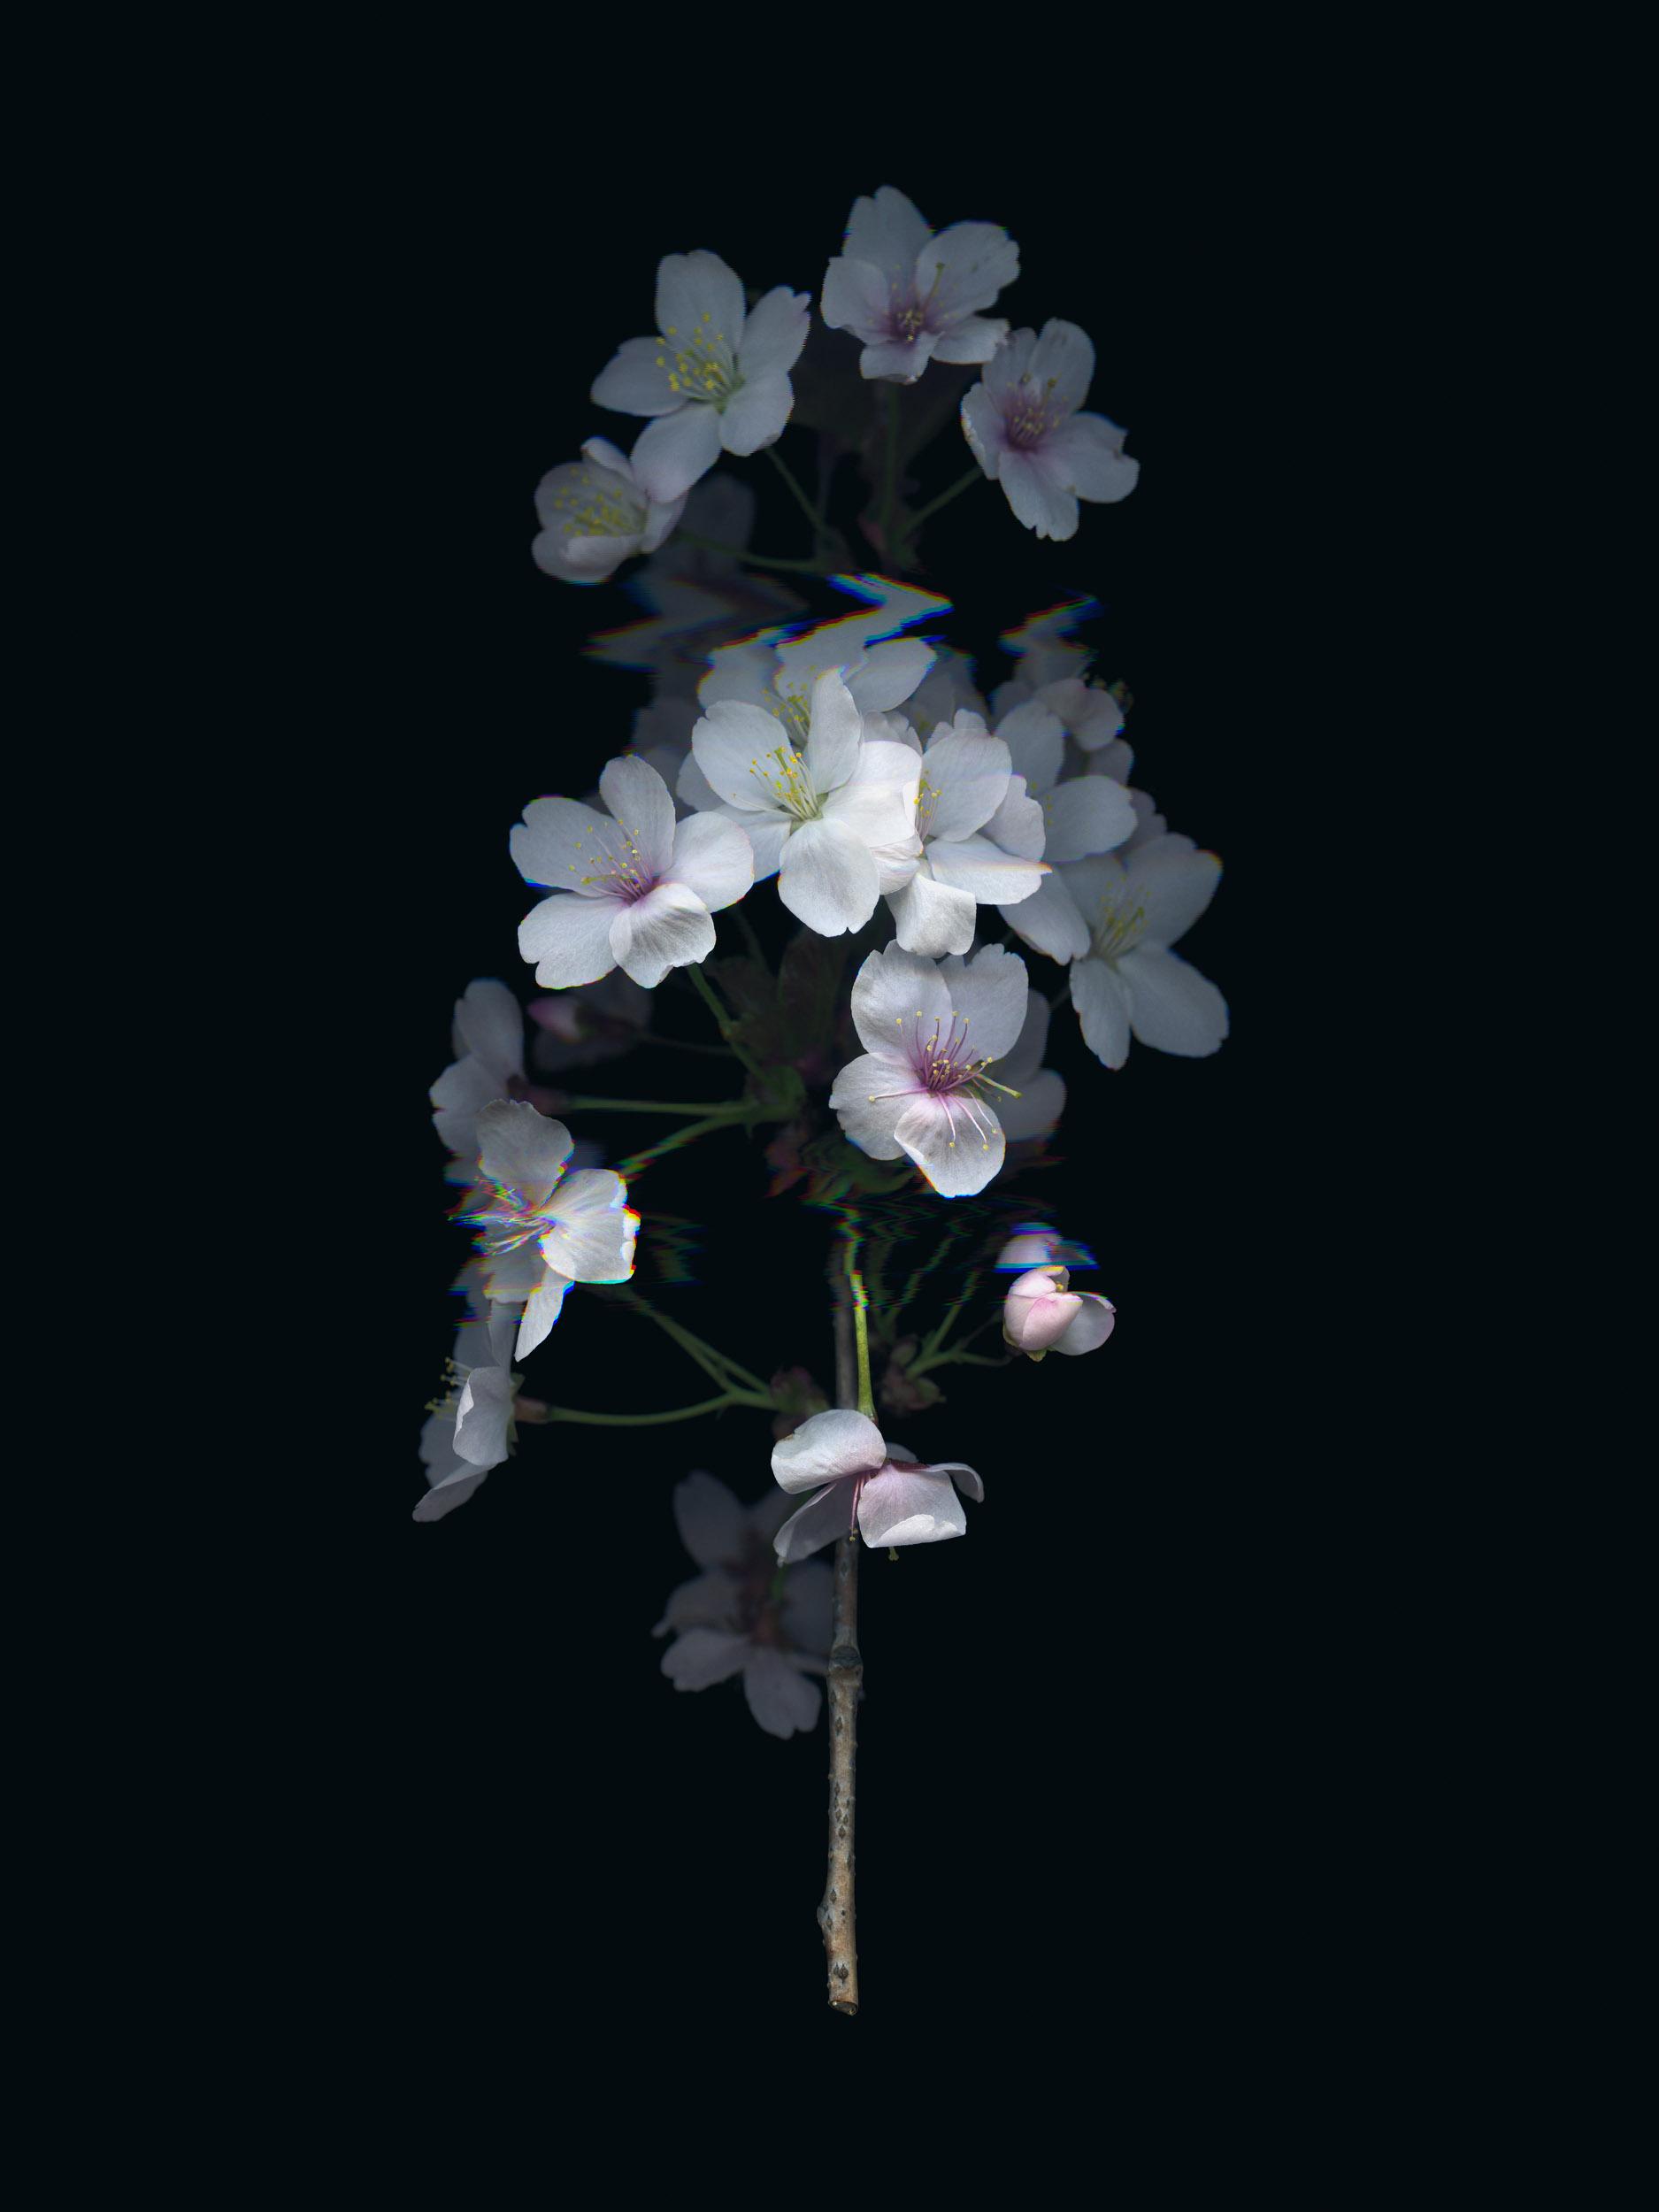 20190329 Fractured Botany-007.jpg